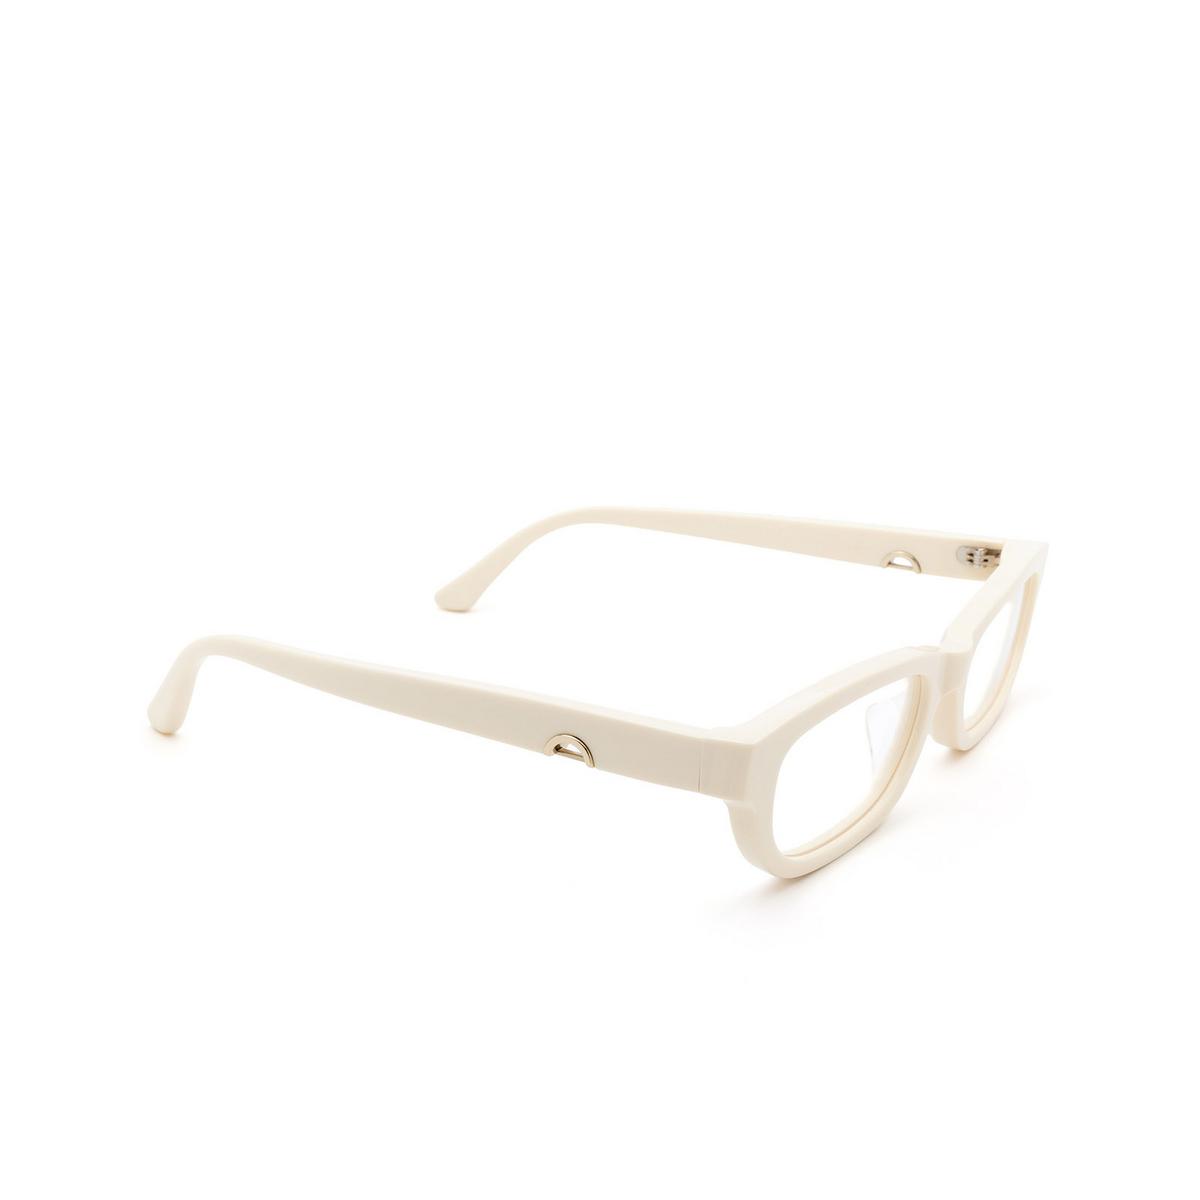 Huma® Rectangle Eyeglasses: Lou color Ivory 07V - three-quarters view.